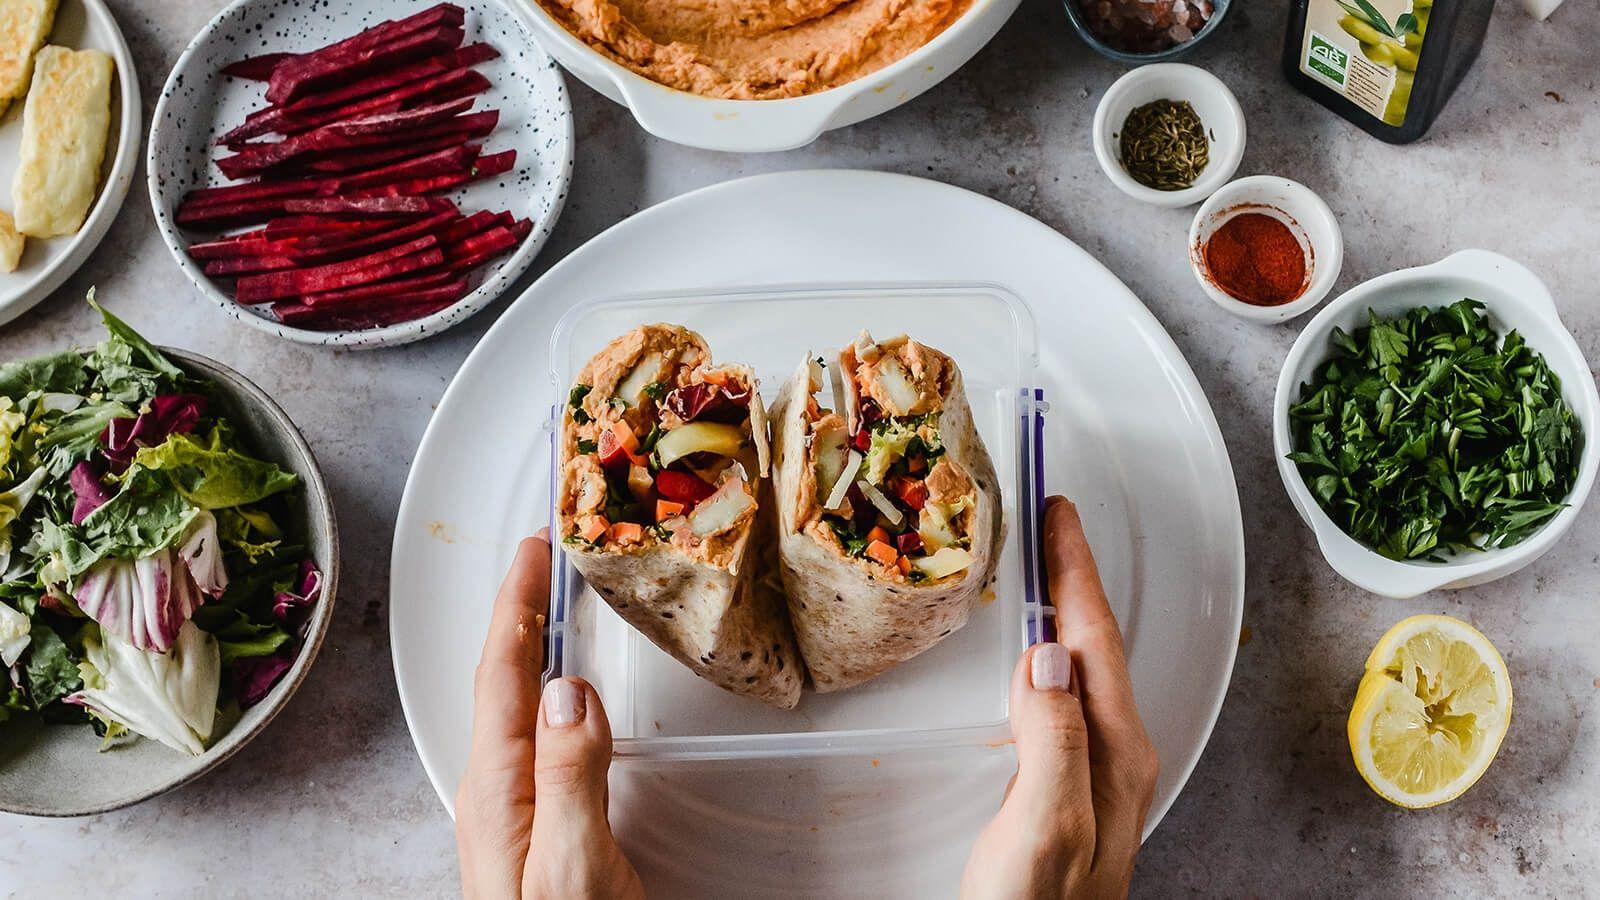 Wrapy z tortilli z paprykowym hummusem, serem halloumi i słupkami warzyw